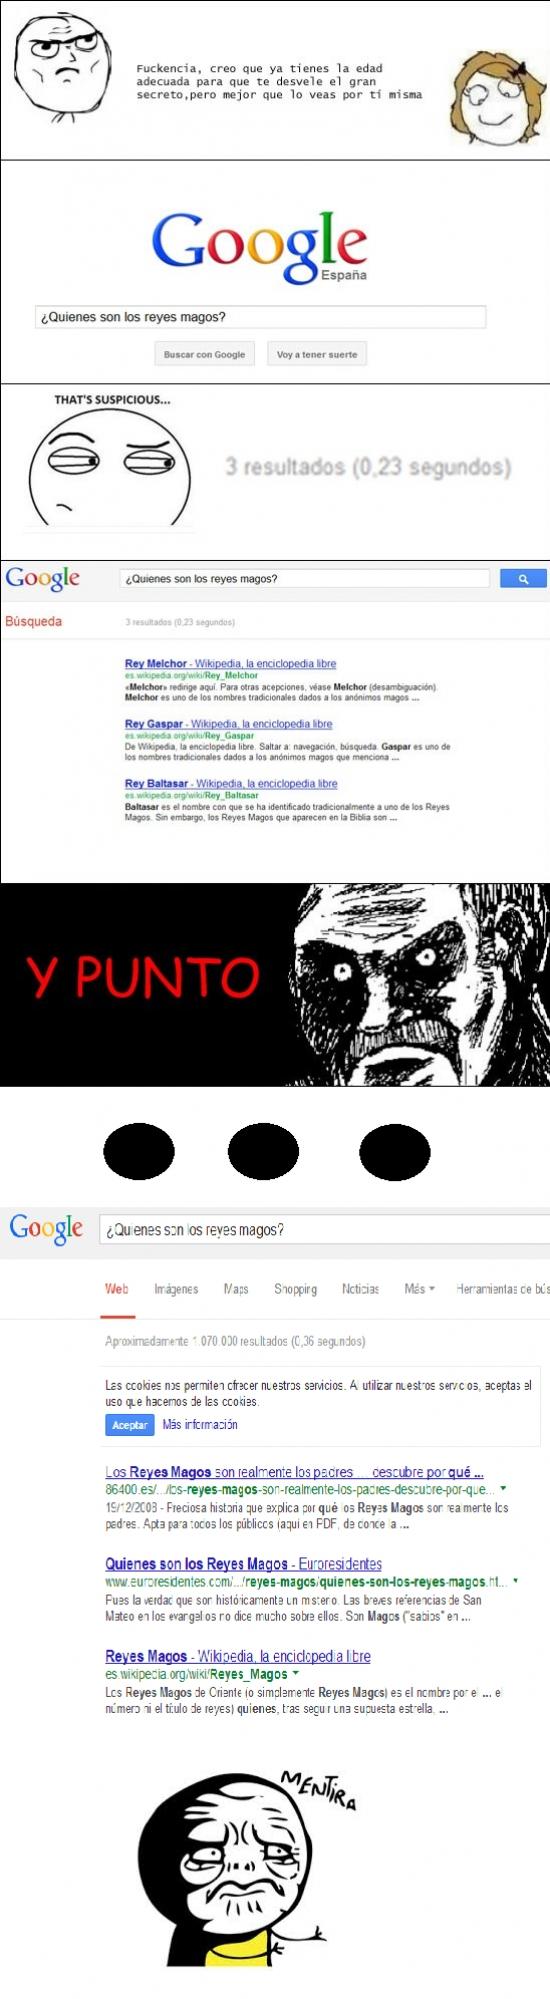 Mentira - La verdad sobre los Reyes Magos, ¿Google por qué nos haces esto?